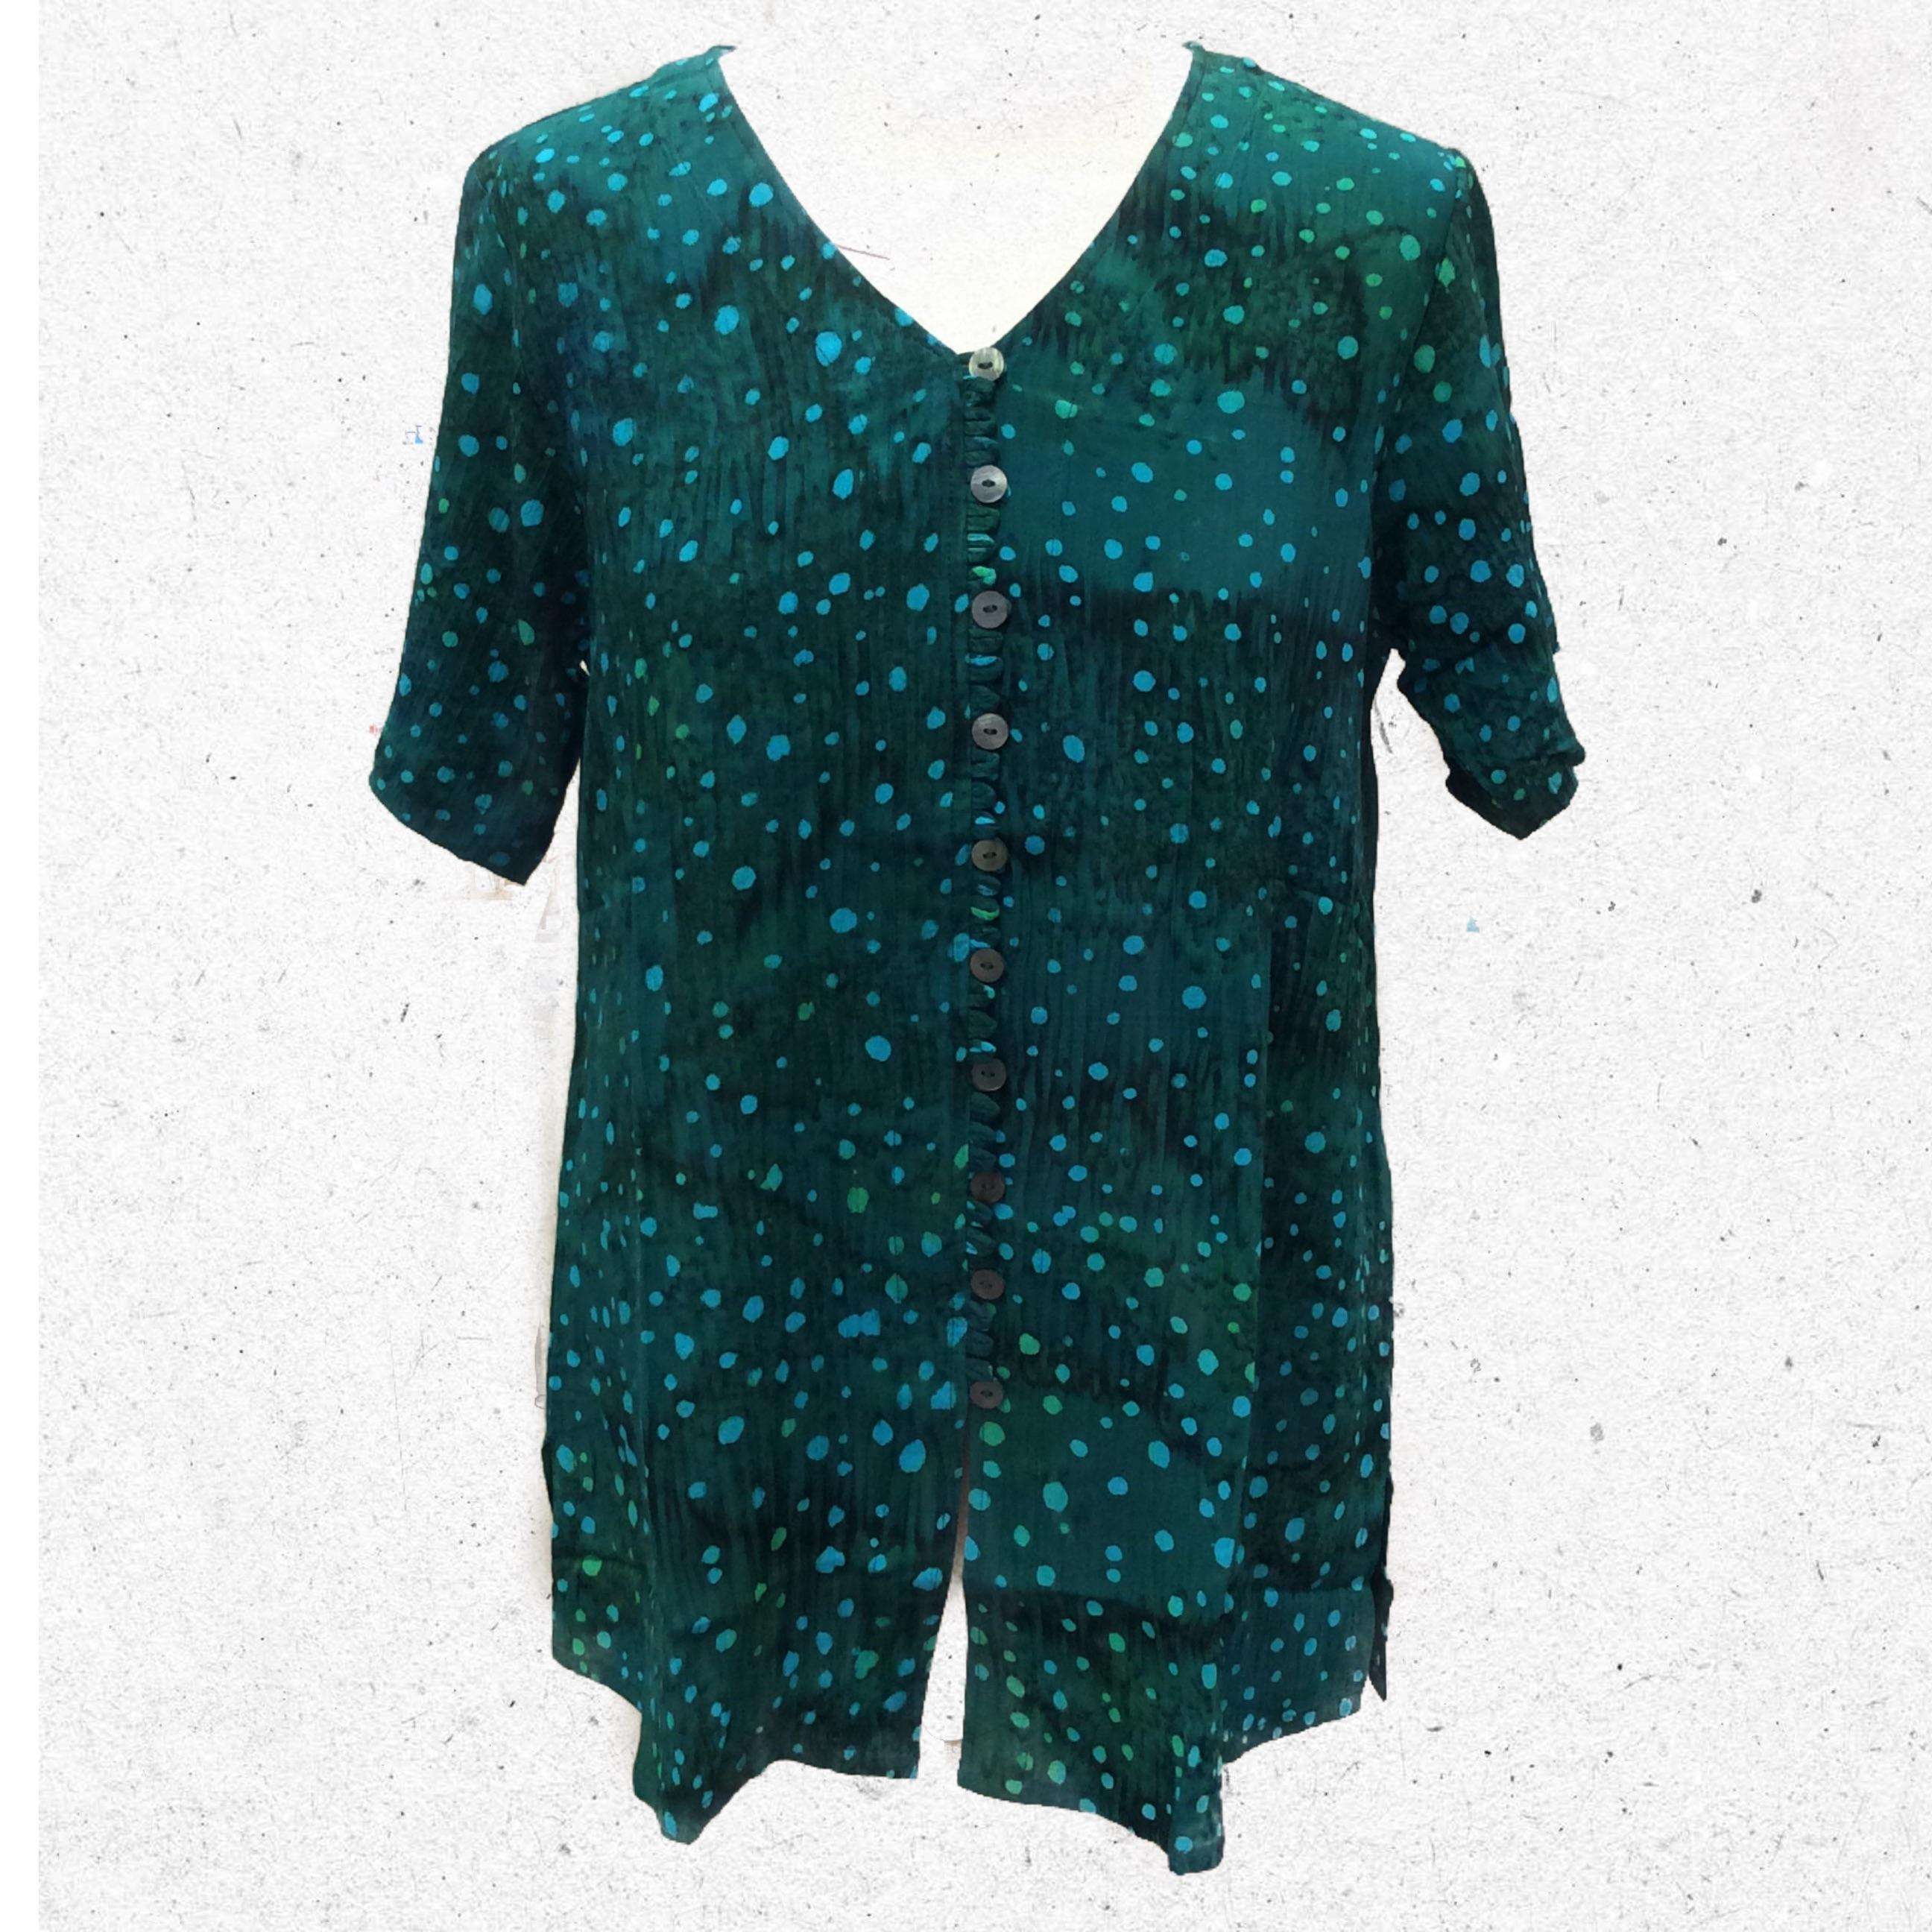 Campur batik, Ronja bluse